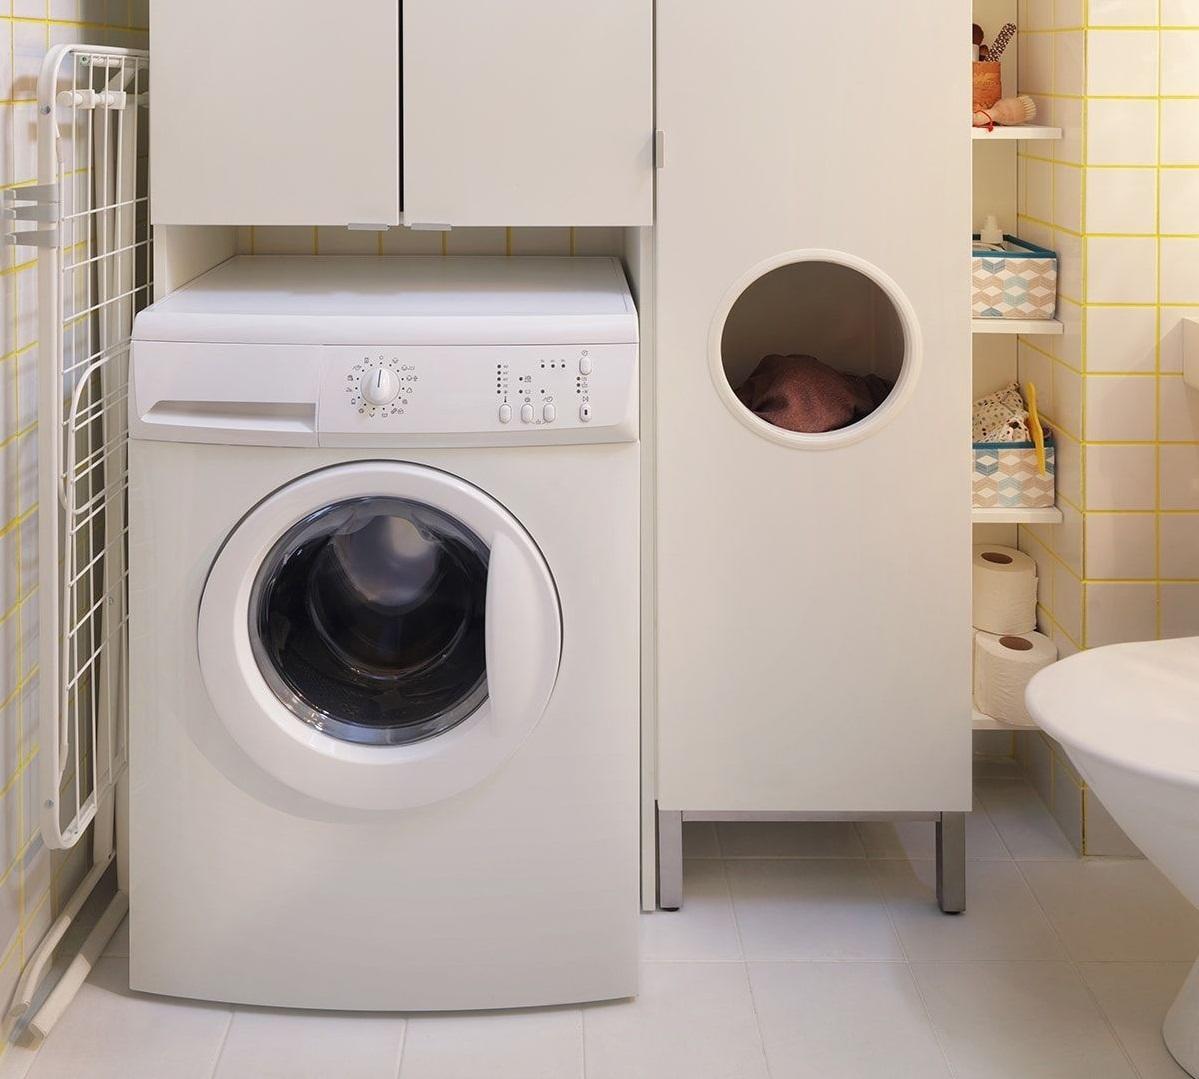 Шкаф над стиральной машиной